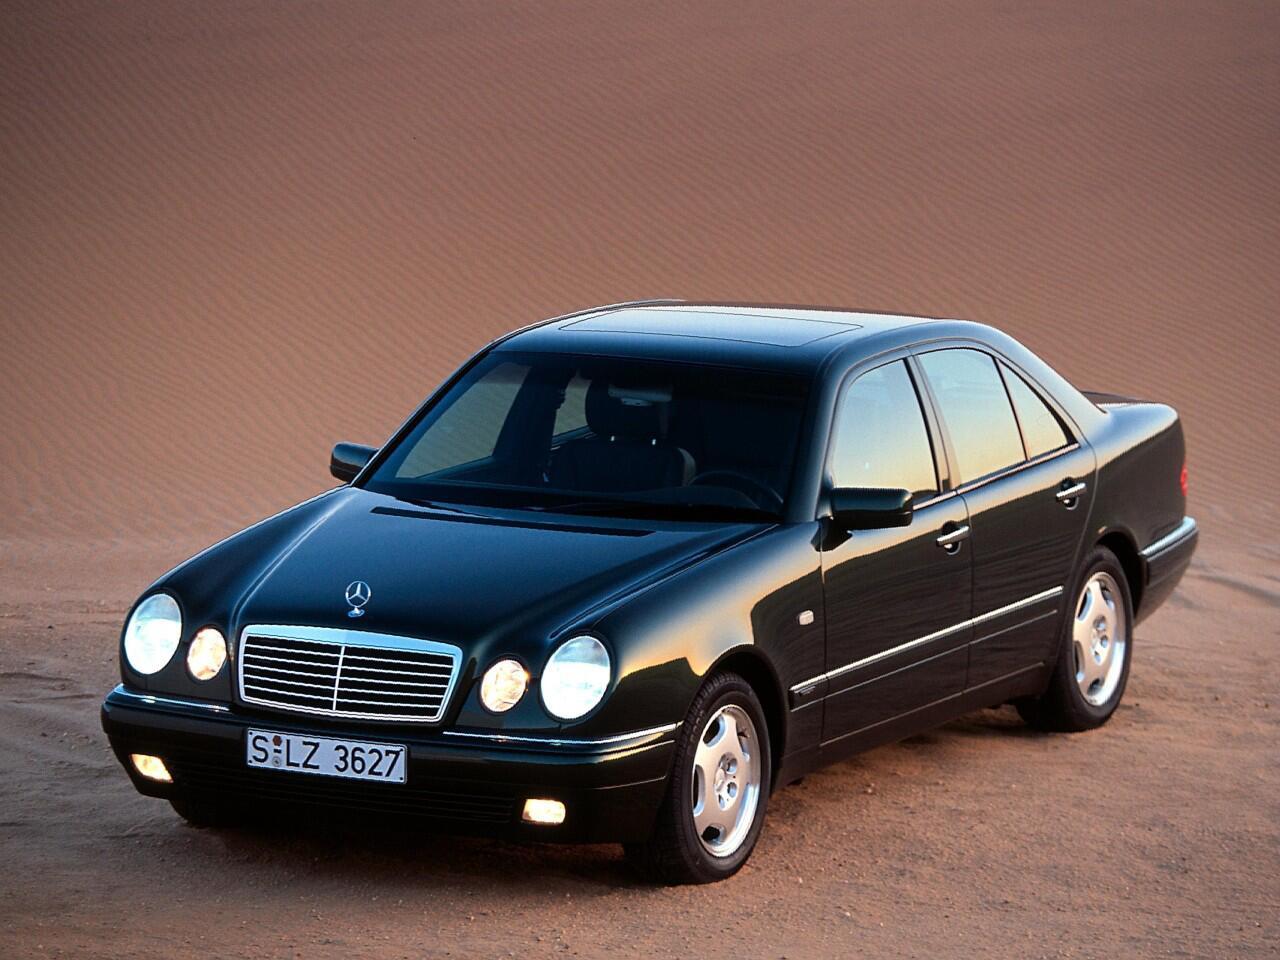 Bild zu Platz 4: Mercedes E-Klasse (W 210)